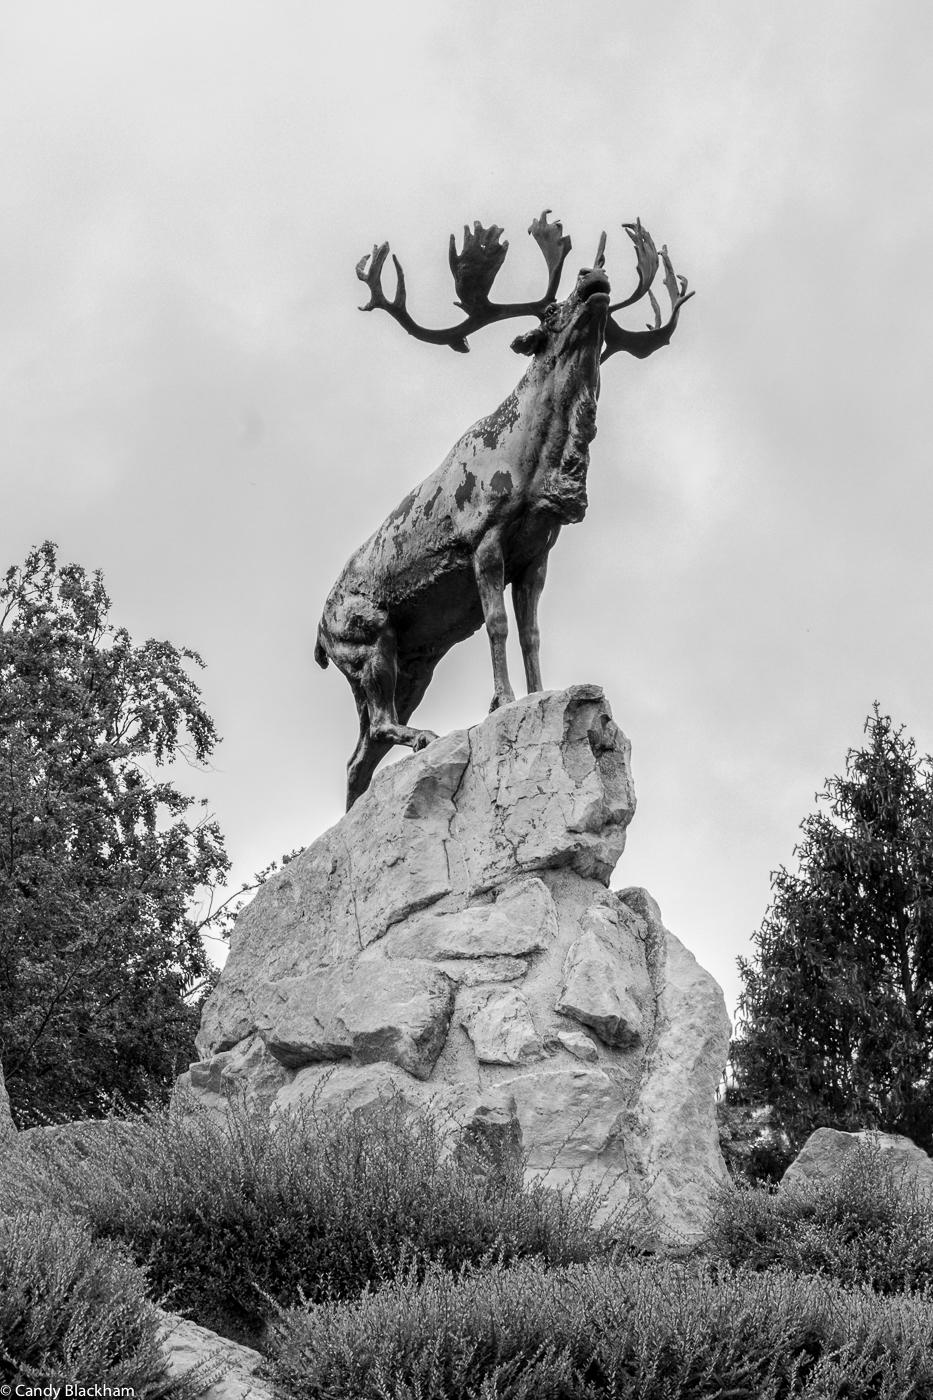 The caribou memorial at Beaumont-Hamel